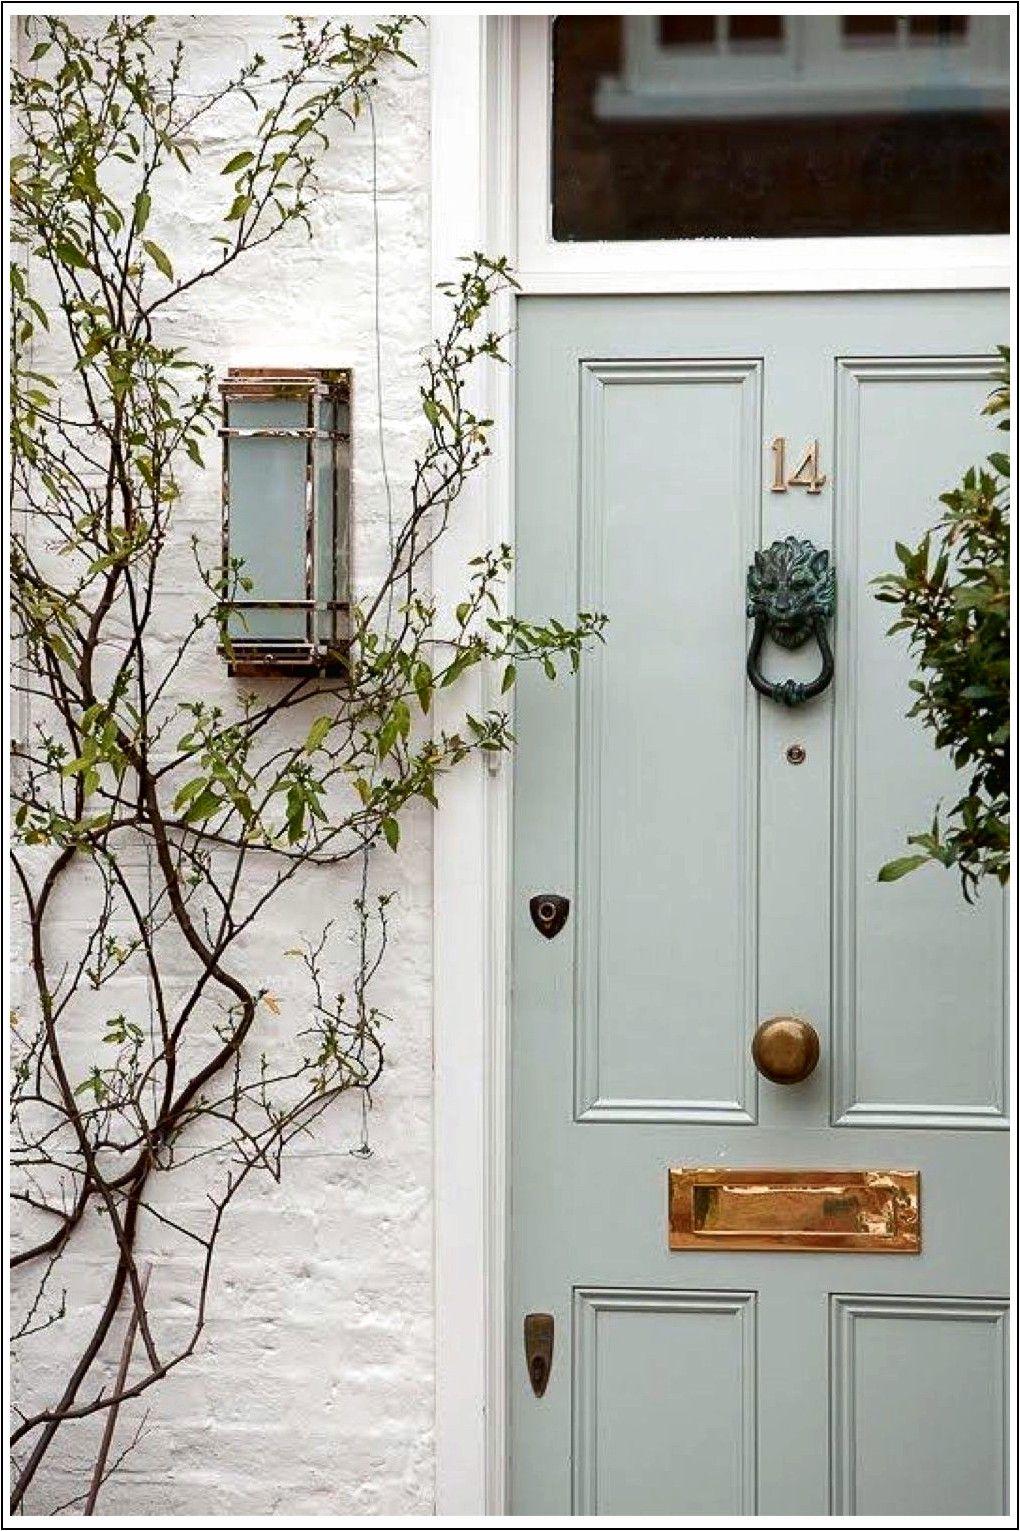 Mattoni Bianchi Per Esterni 20 pareti esterne in mattoni bianchi da invidiare | porte